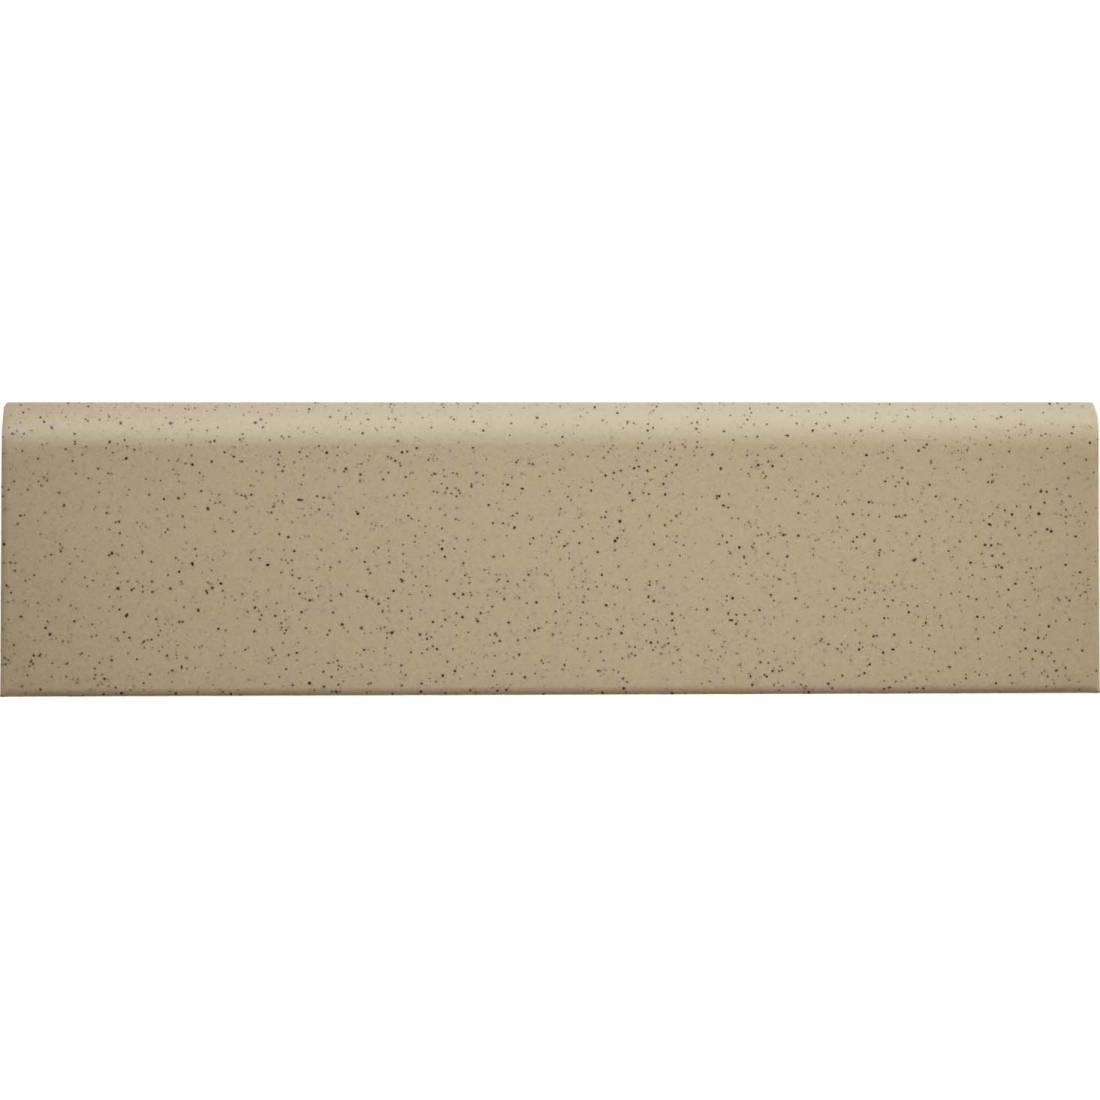 Granit Skirt Plinth 30x8 Tunis Beige Matt 1